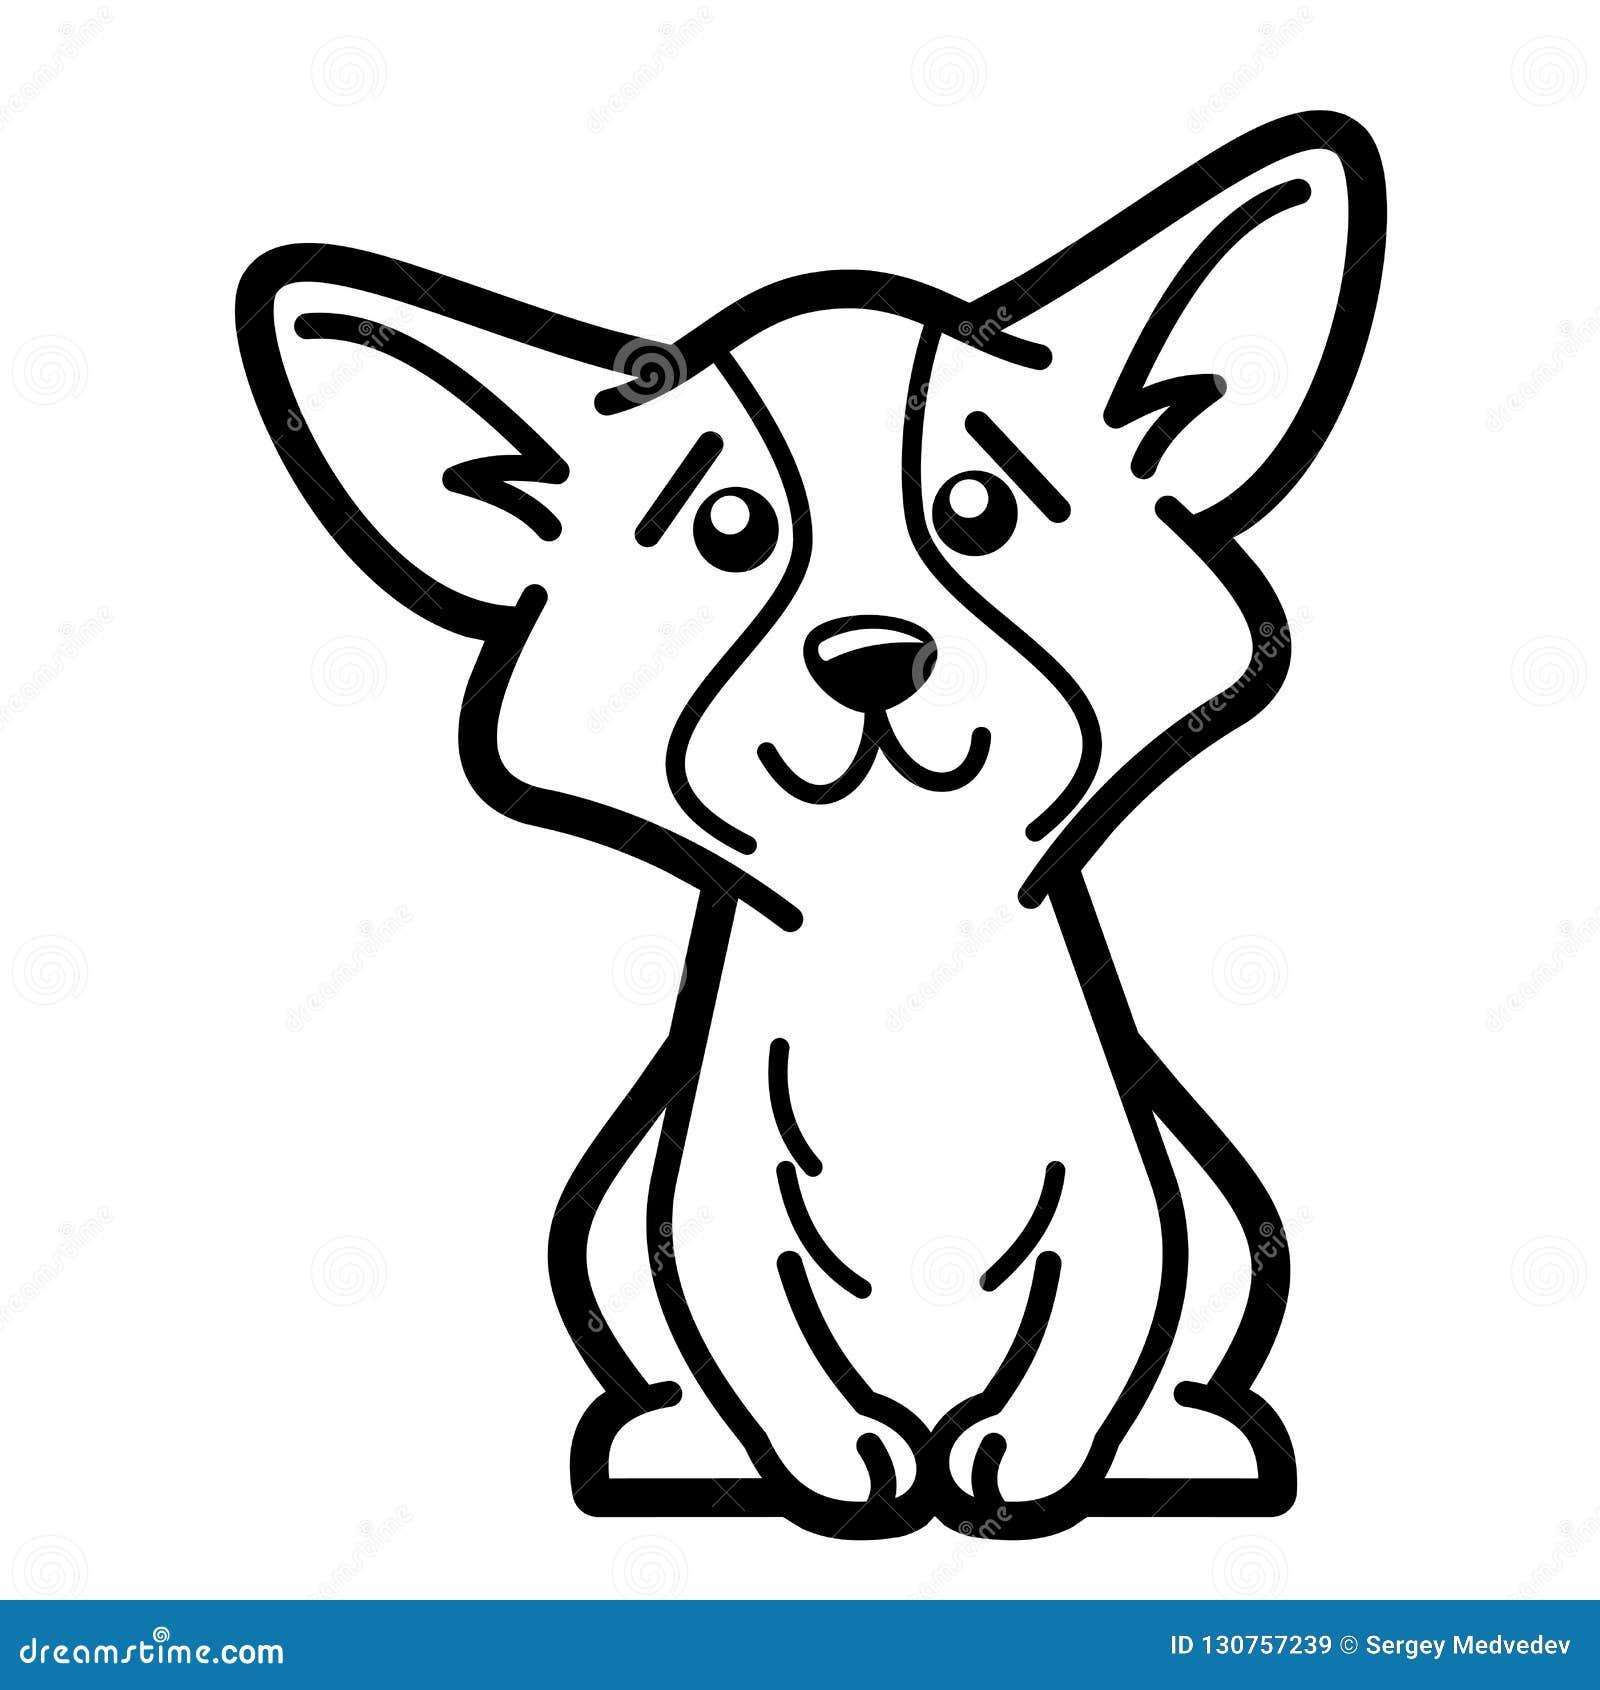 Disegno Cane Bianco E Nero.Pagina Di Coloritura Del Personaggio Dei Cartoni Animati Del